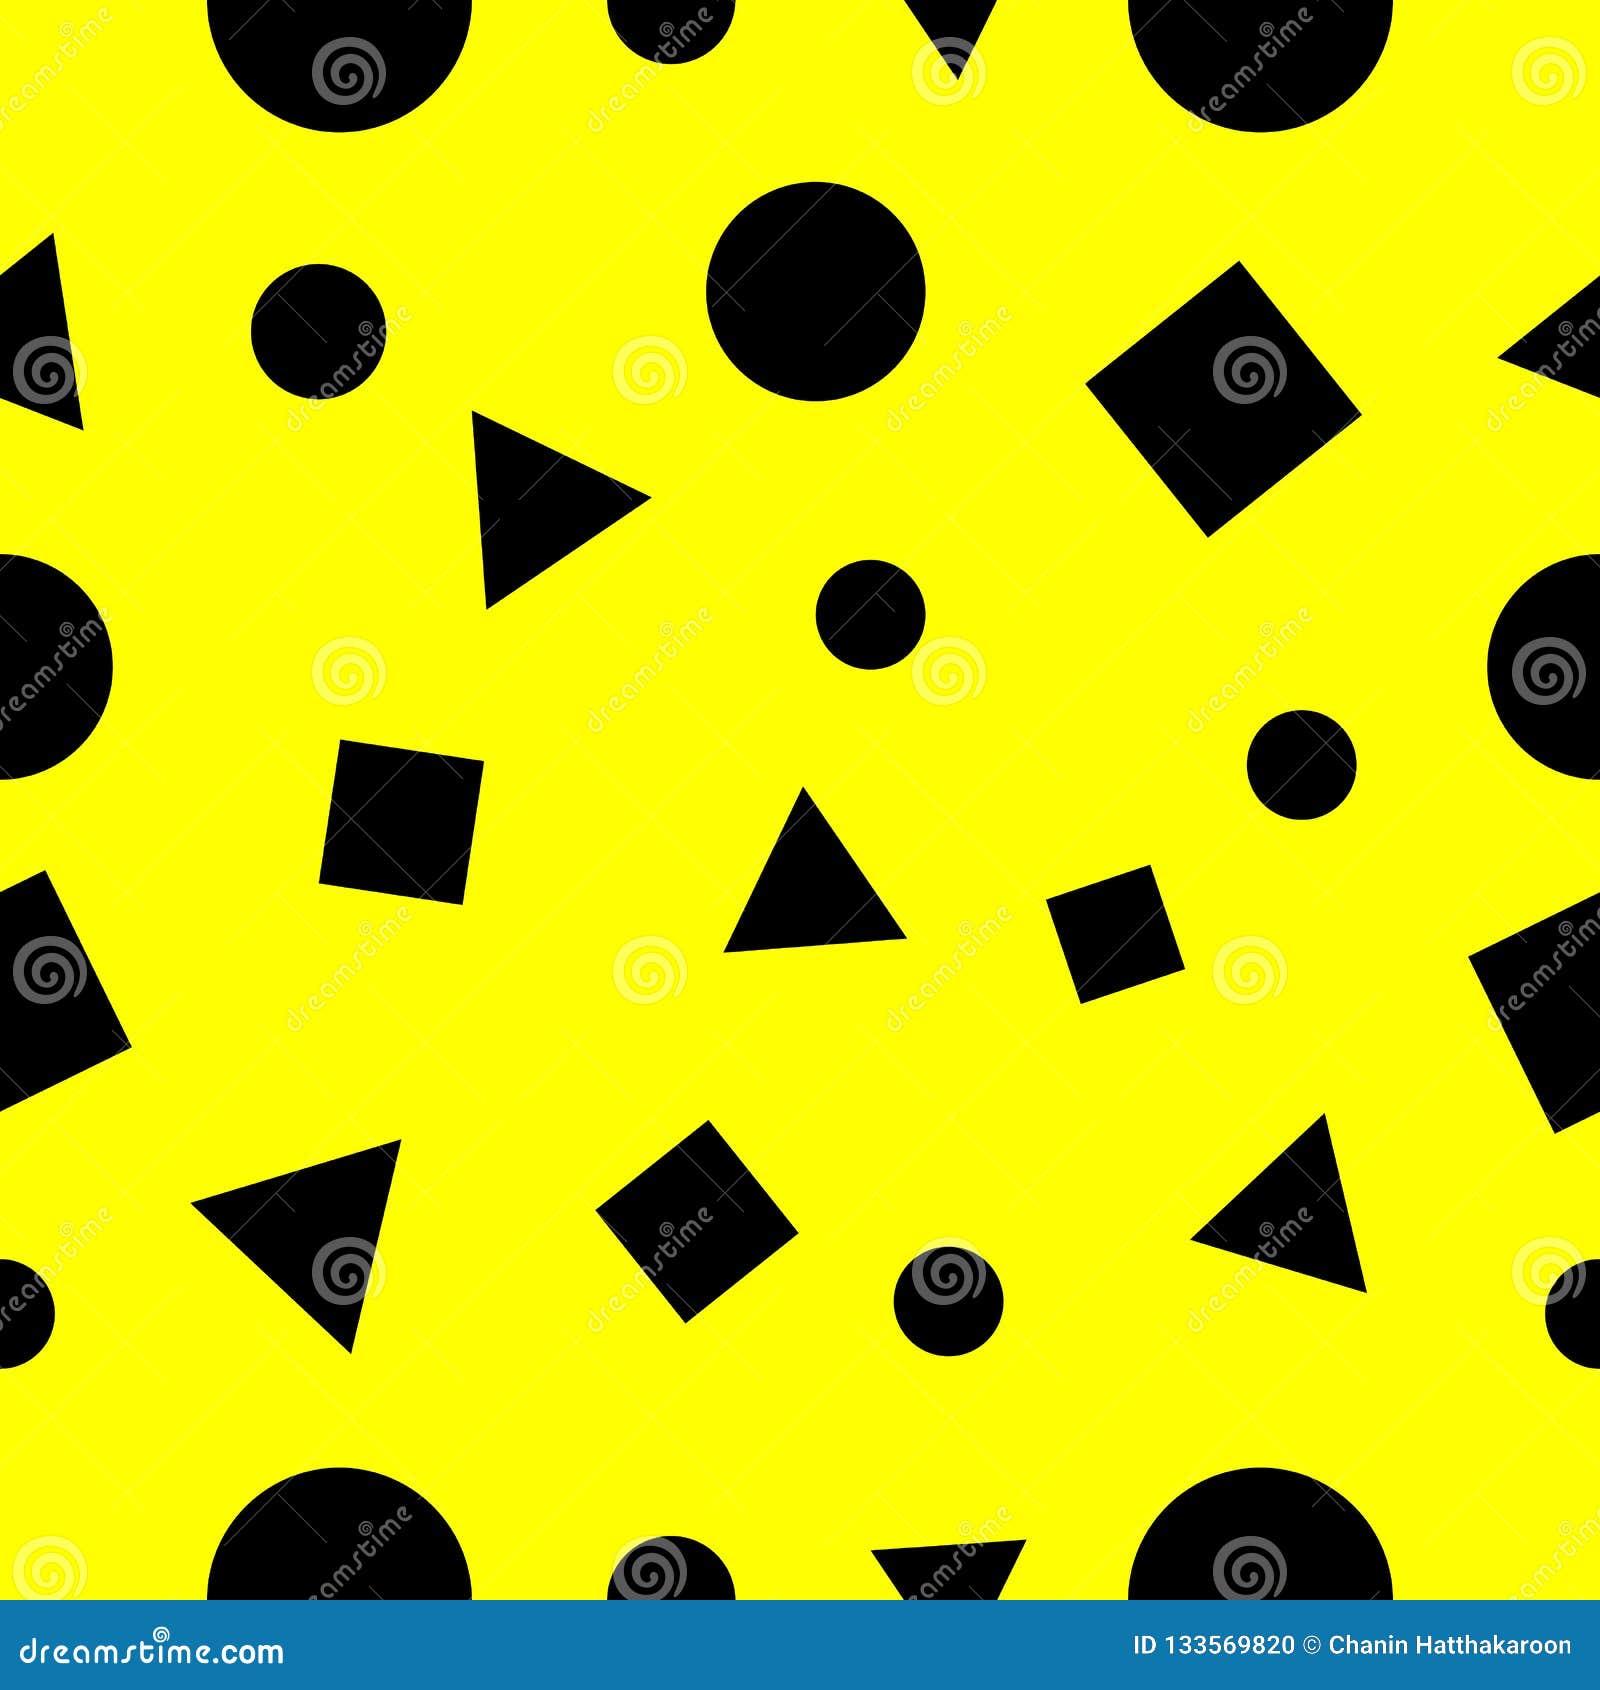 Τετράγωνα, άνευ ραφής περίληψη σχεδίων τριγώνων και γεωμετρίας κύκλων